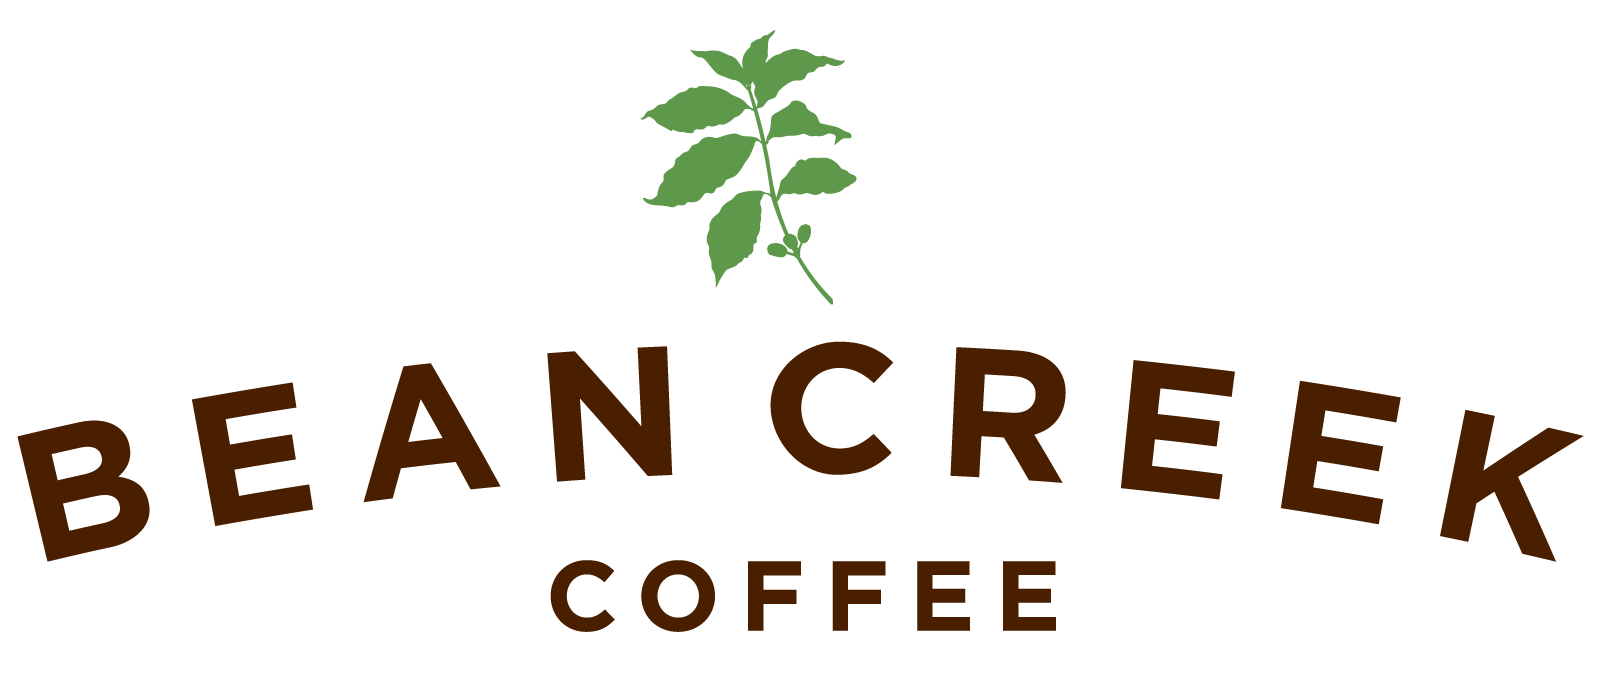 Bean Creek Coffee